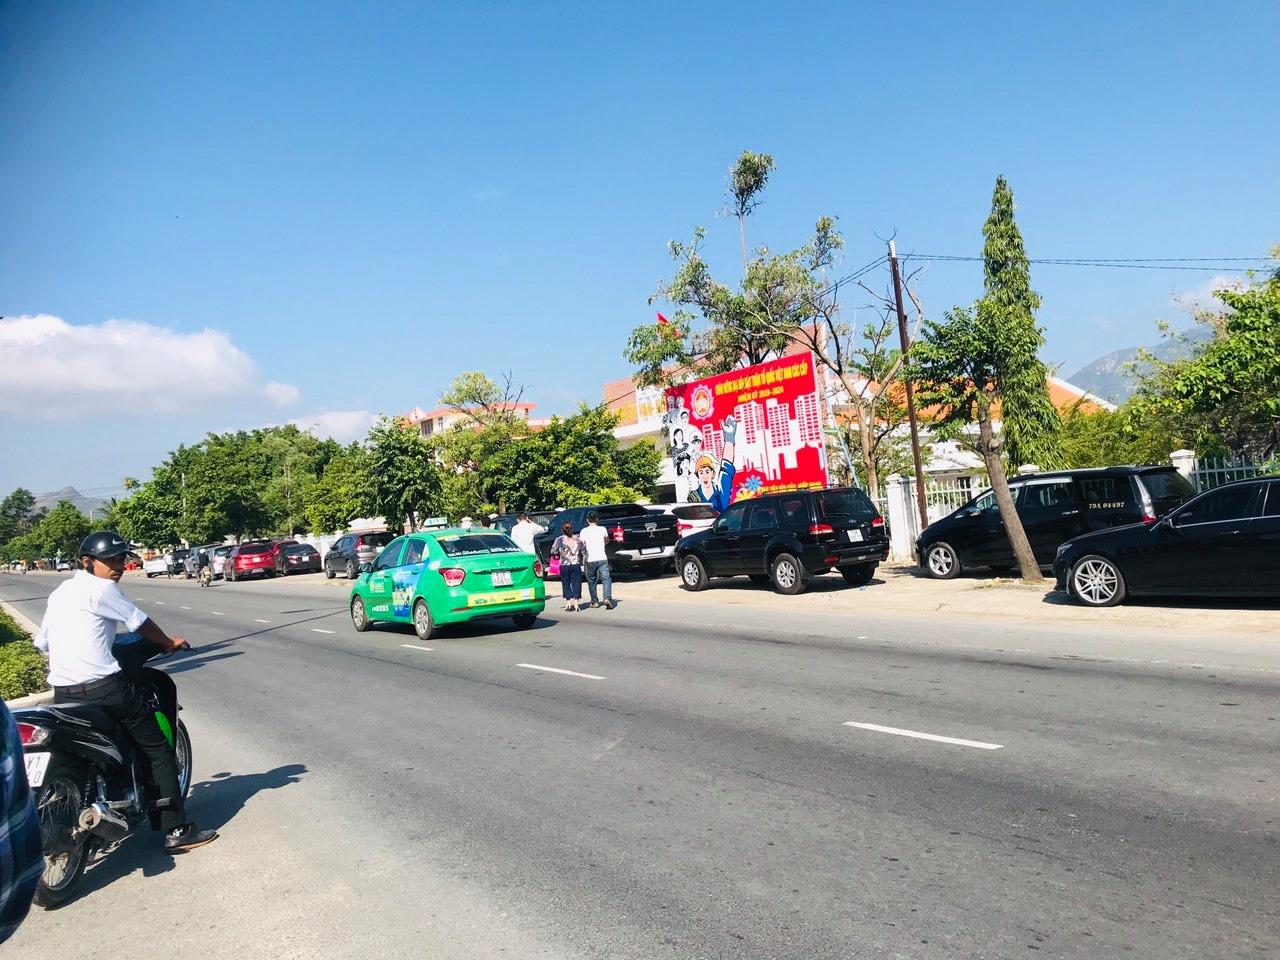 [13/05/2019] Xe cộ tấp nập đầy đường. Hà Nội, Sài Gòn, Gia Lai ...